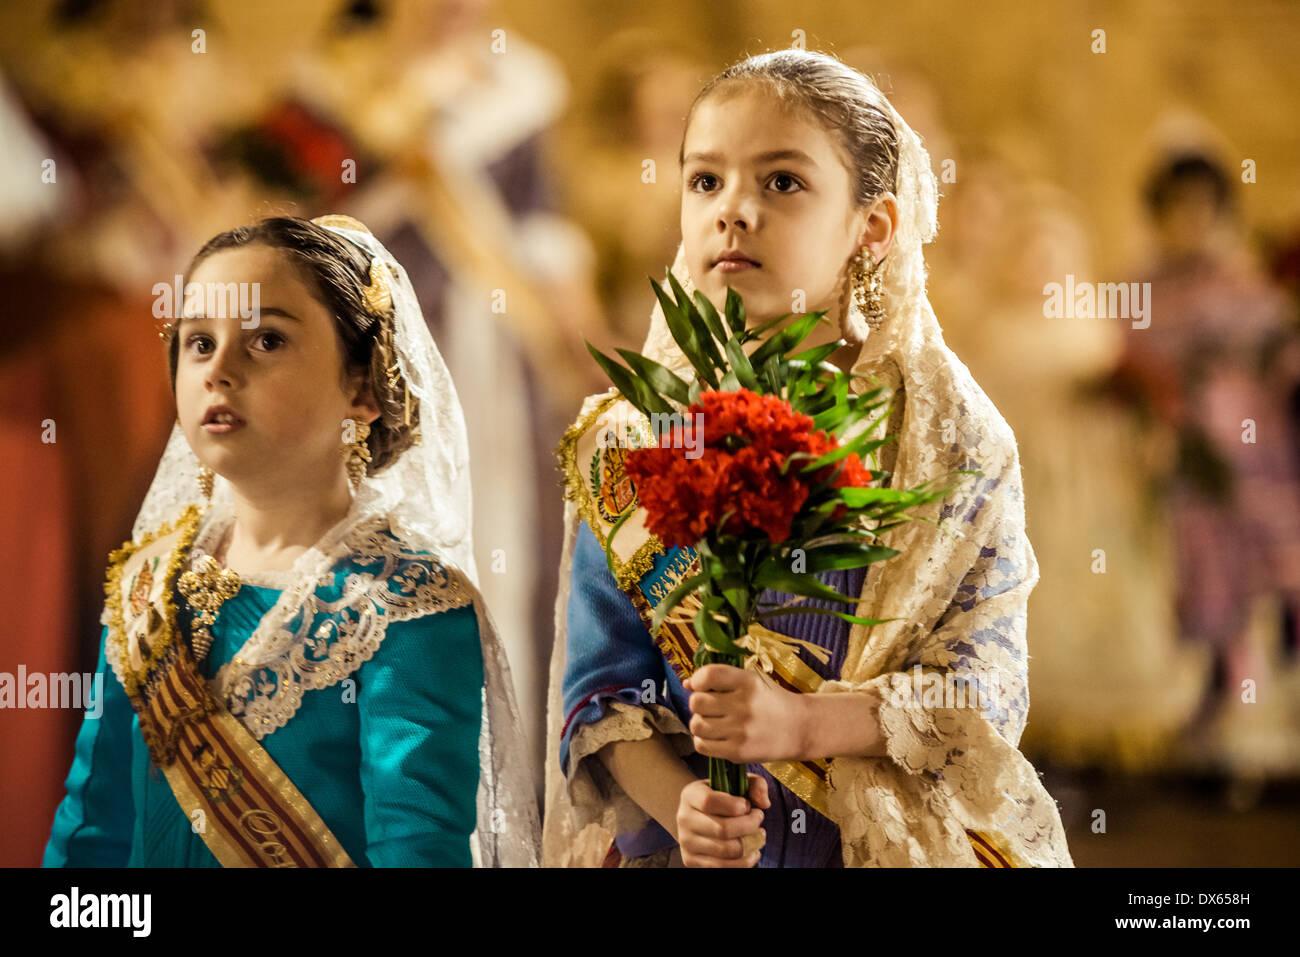 Valencia, España. Marzo 18th, 2014: un poco de Fallera finalmente ofrece su ramo de flores a la Virgen y la Imagen De Stock